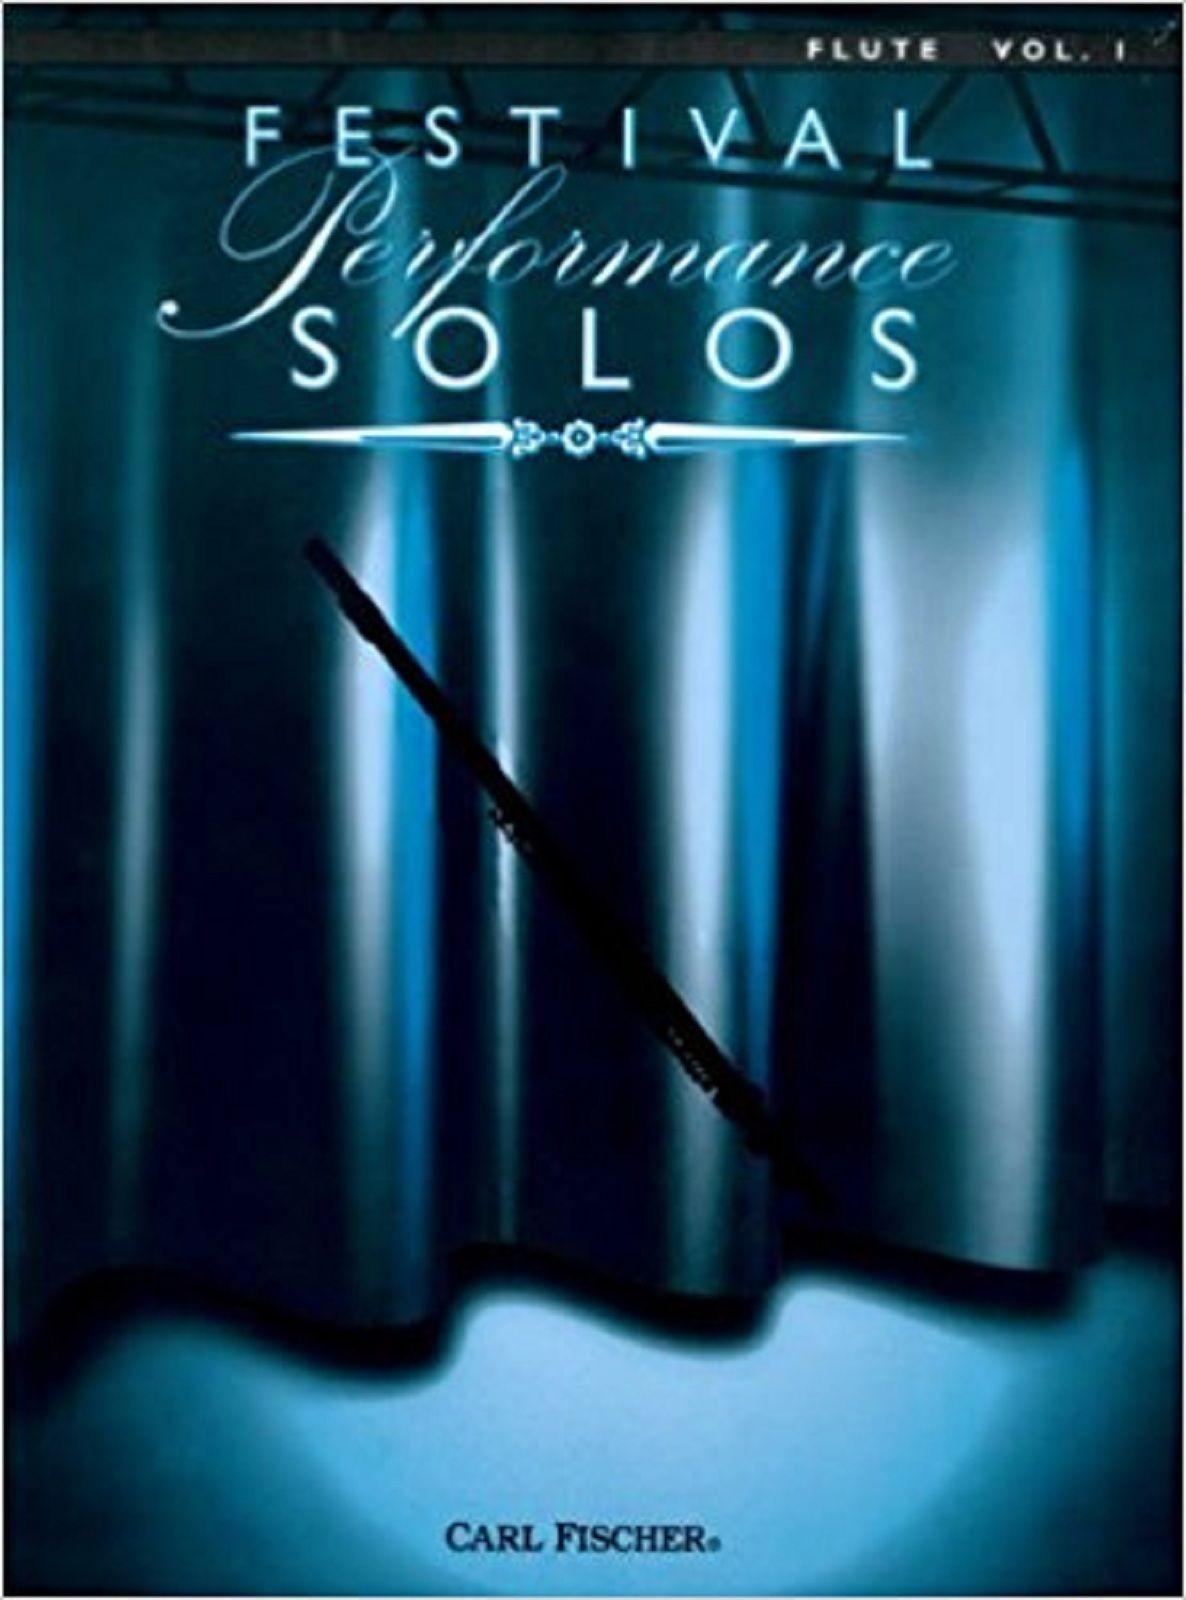 Festival Performance Solos Flute Volume 1 Sheet Music Edelson Gossec Book S168